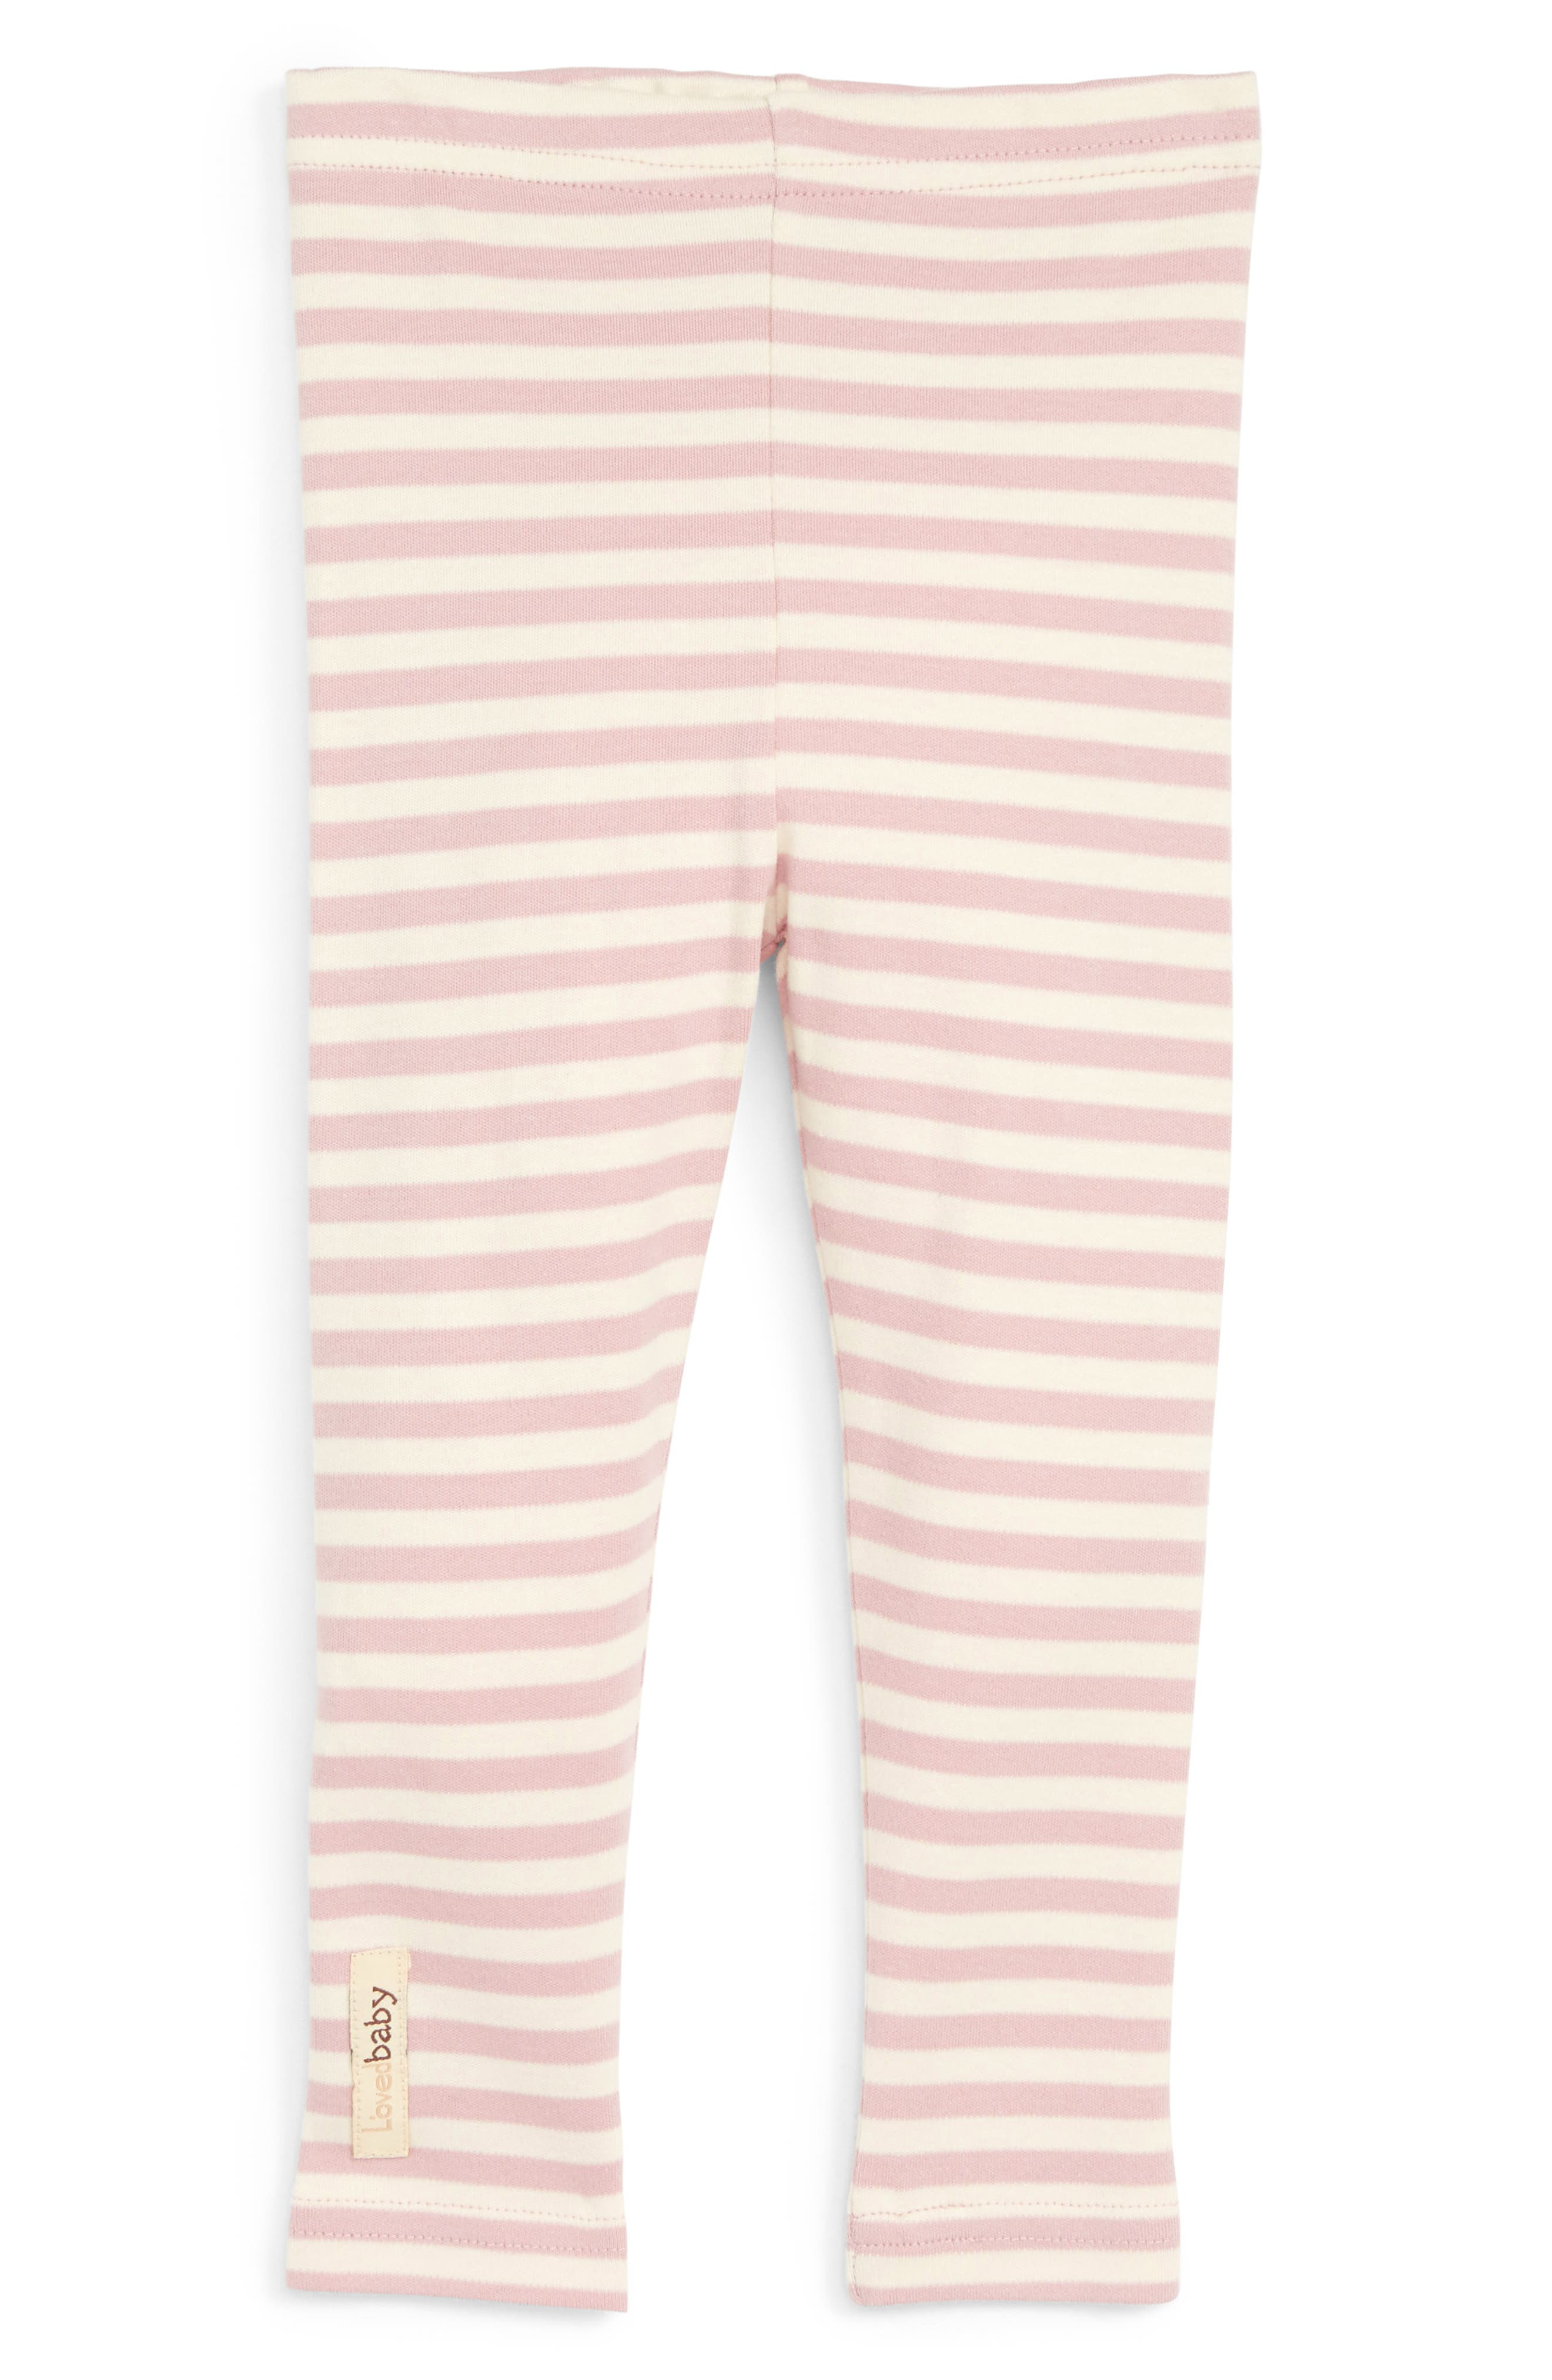 Organic Cotton Leggings,                         Main,                         color, Mauve/ Beige